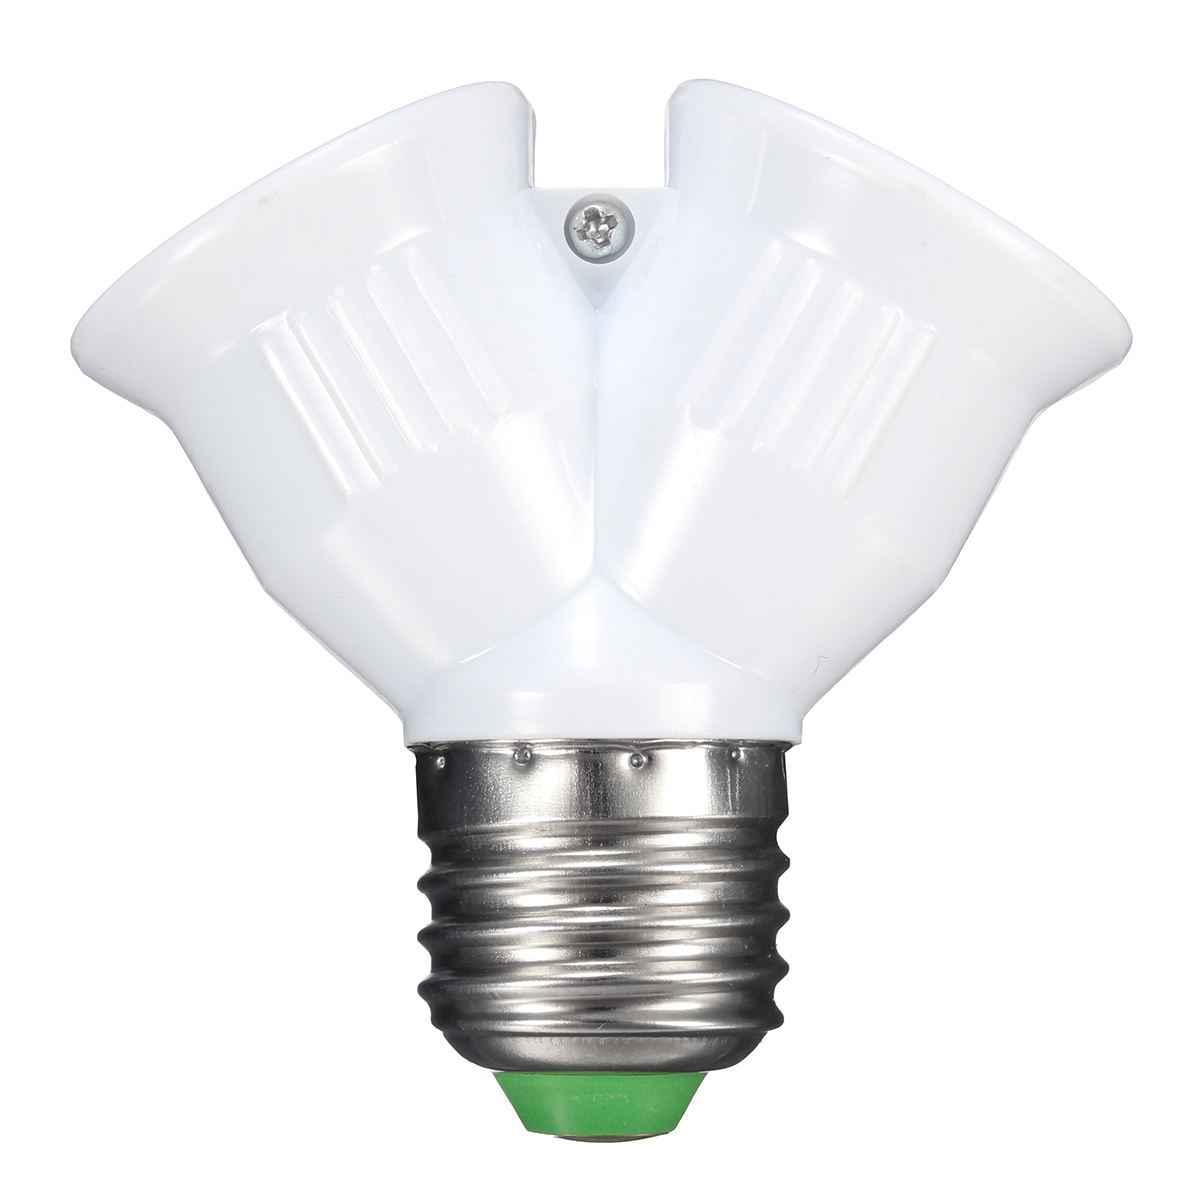 New Lamp Base E27 To E27 Double Socket Lamp Base Holder Converter Splitter Adapter For Led Light Lamp Bulb 1A 220V